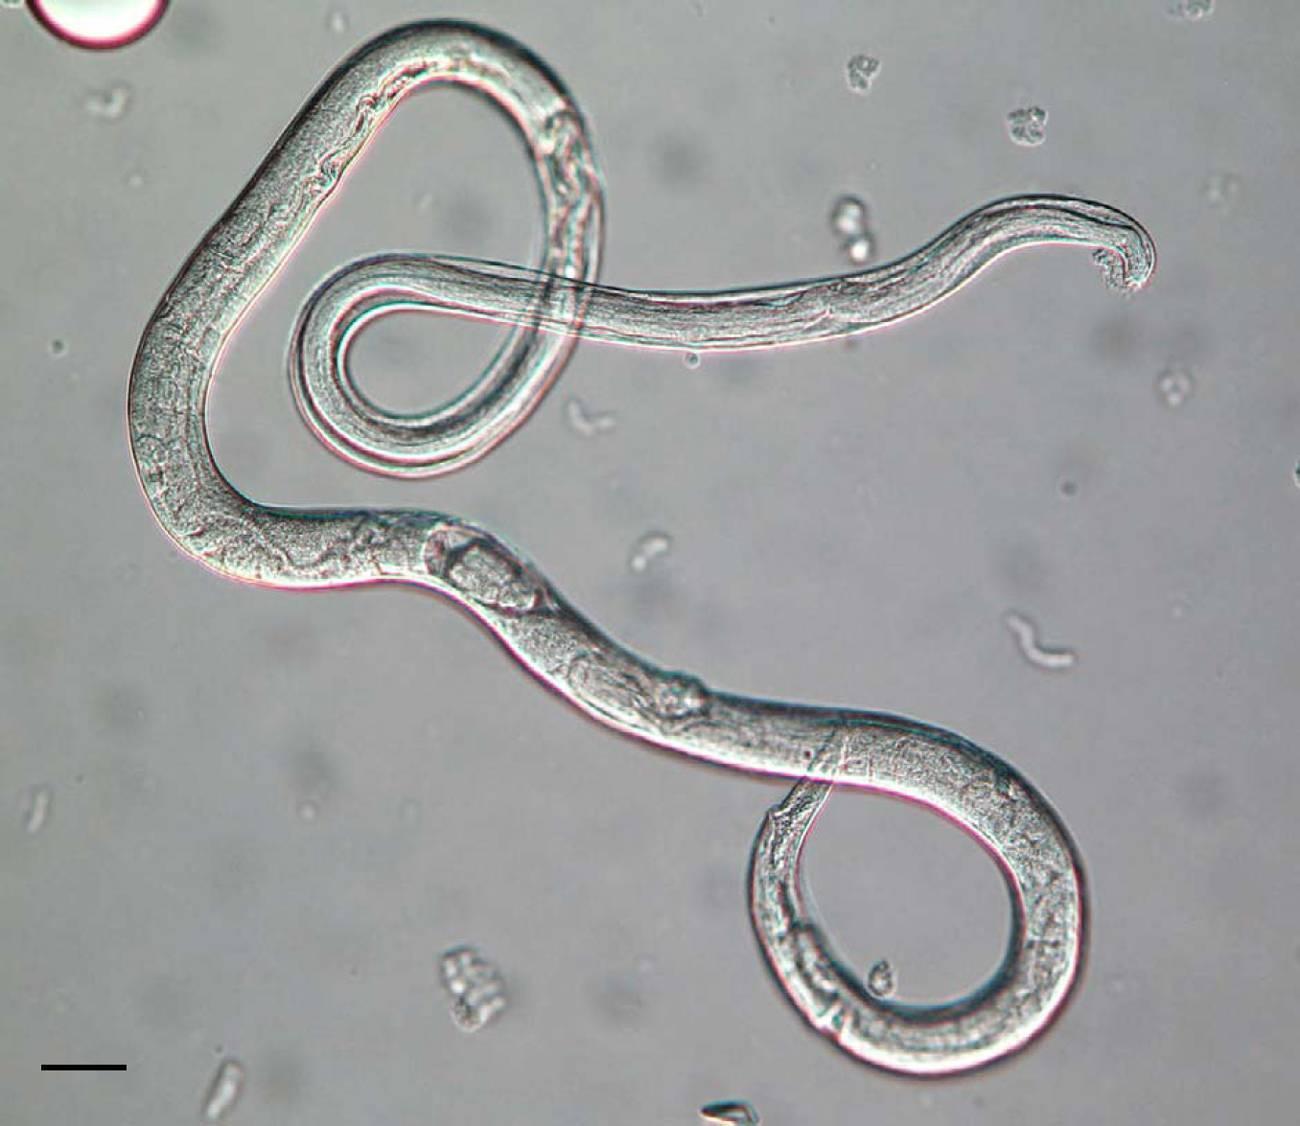 Паразитарные заболевания: гельминтоз, лямблиоз, аскаридоз. паразиты в организме человека: симптомы, диагностика, лечение паразитоза. | mosmedic.com